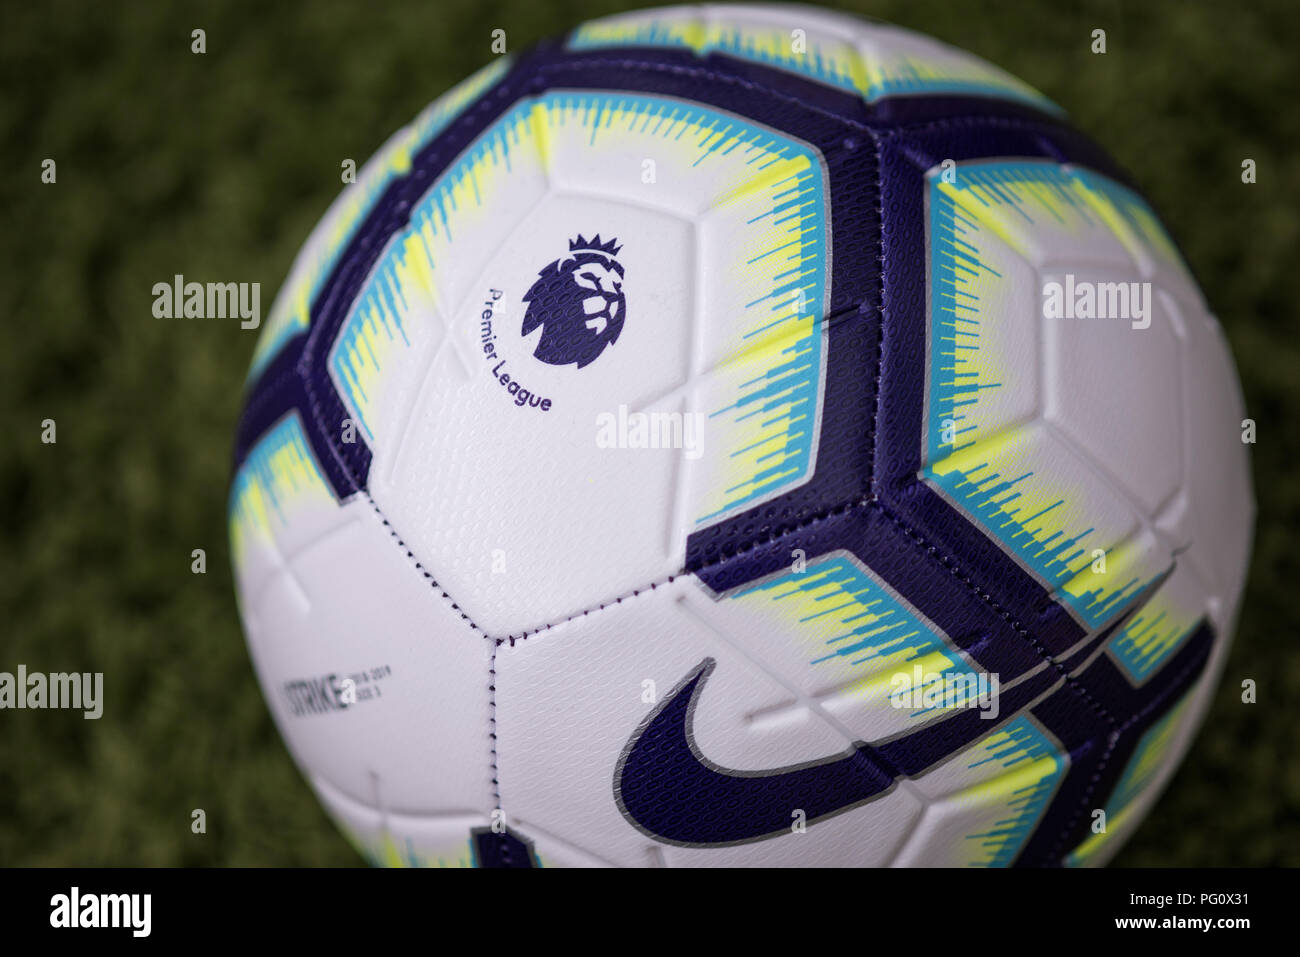 flotador Alcalde Condimento  Nike Merlin ball for 2018/19 Premier League season Stock Photo - Alamy